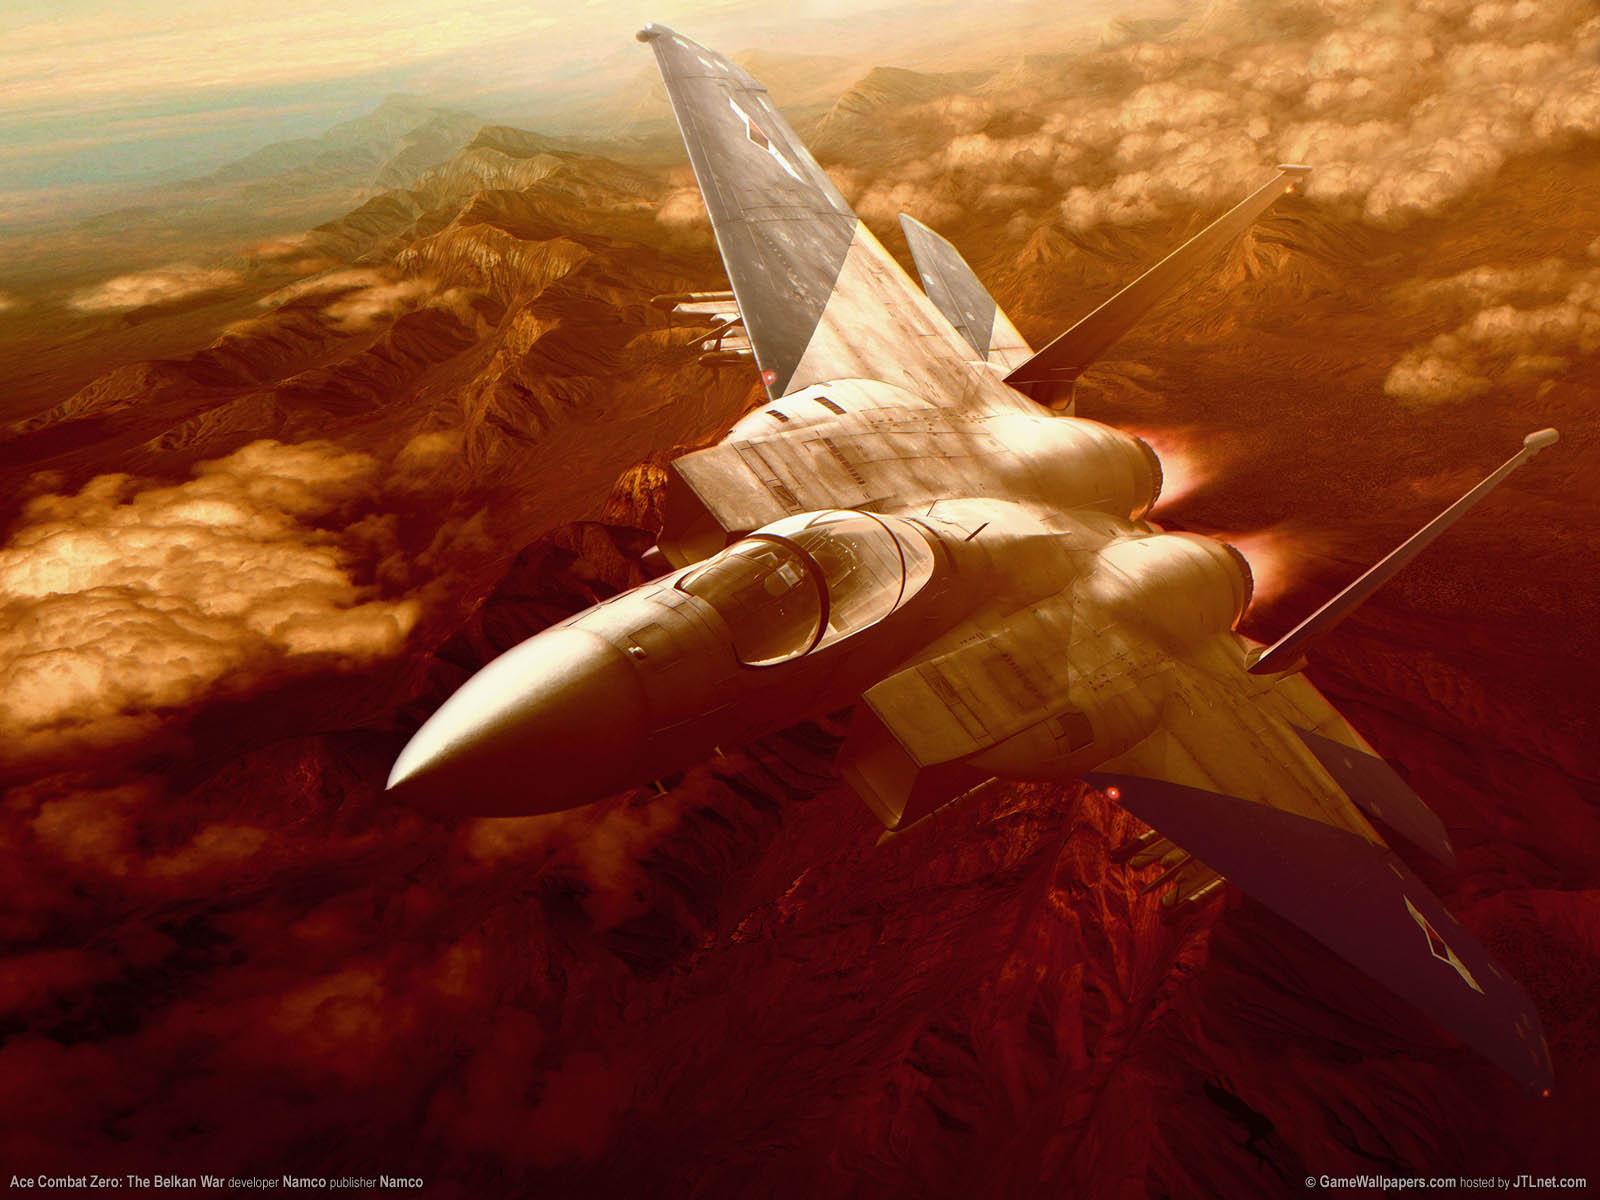 Ace Combat Zero wallpapers Ace Combat Zero stock photos 1600x1200